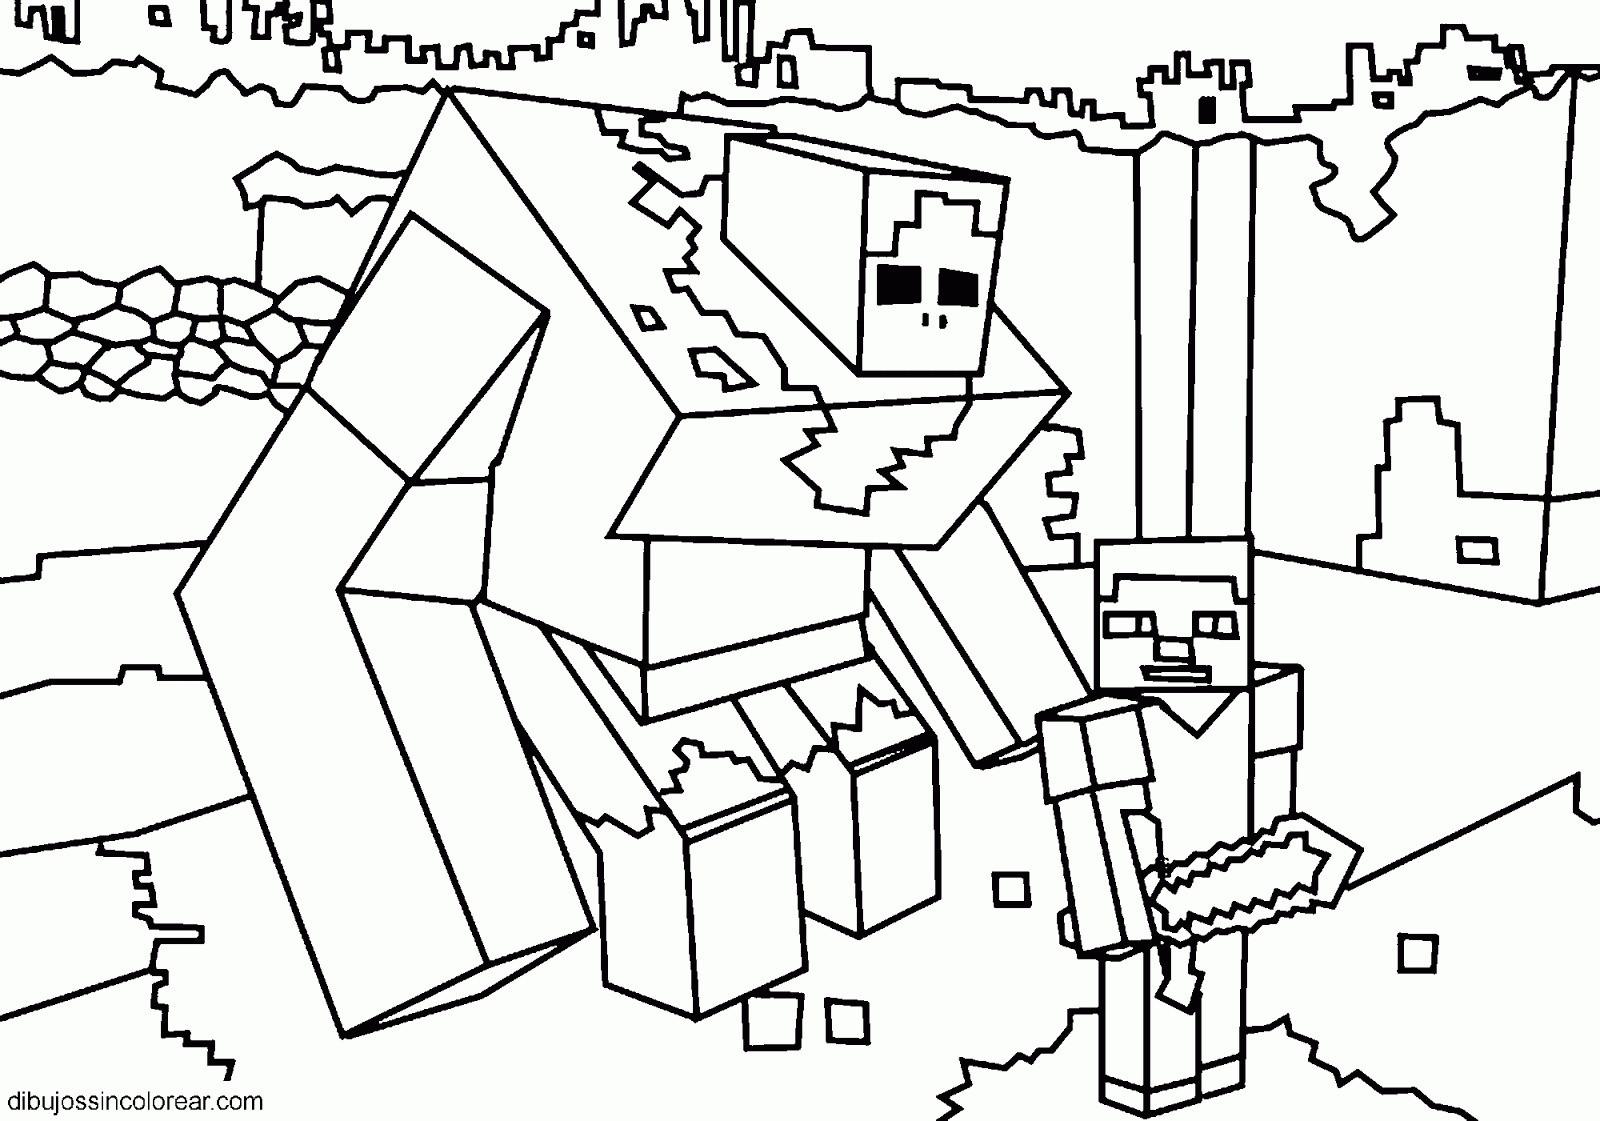 Minecraft Bilder Zum Ausmalen Inspirierend Steve De Minecraft Para Imprimir Y Pintar Minecraft Frisch Minecraft Bild